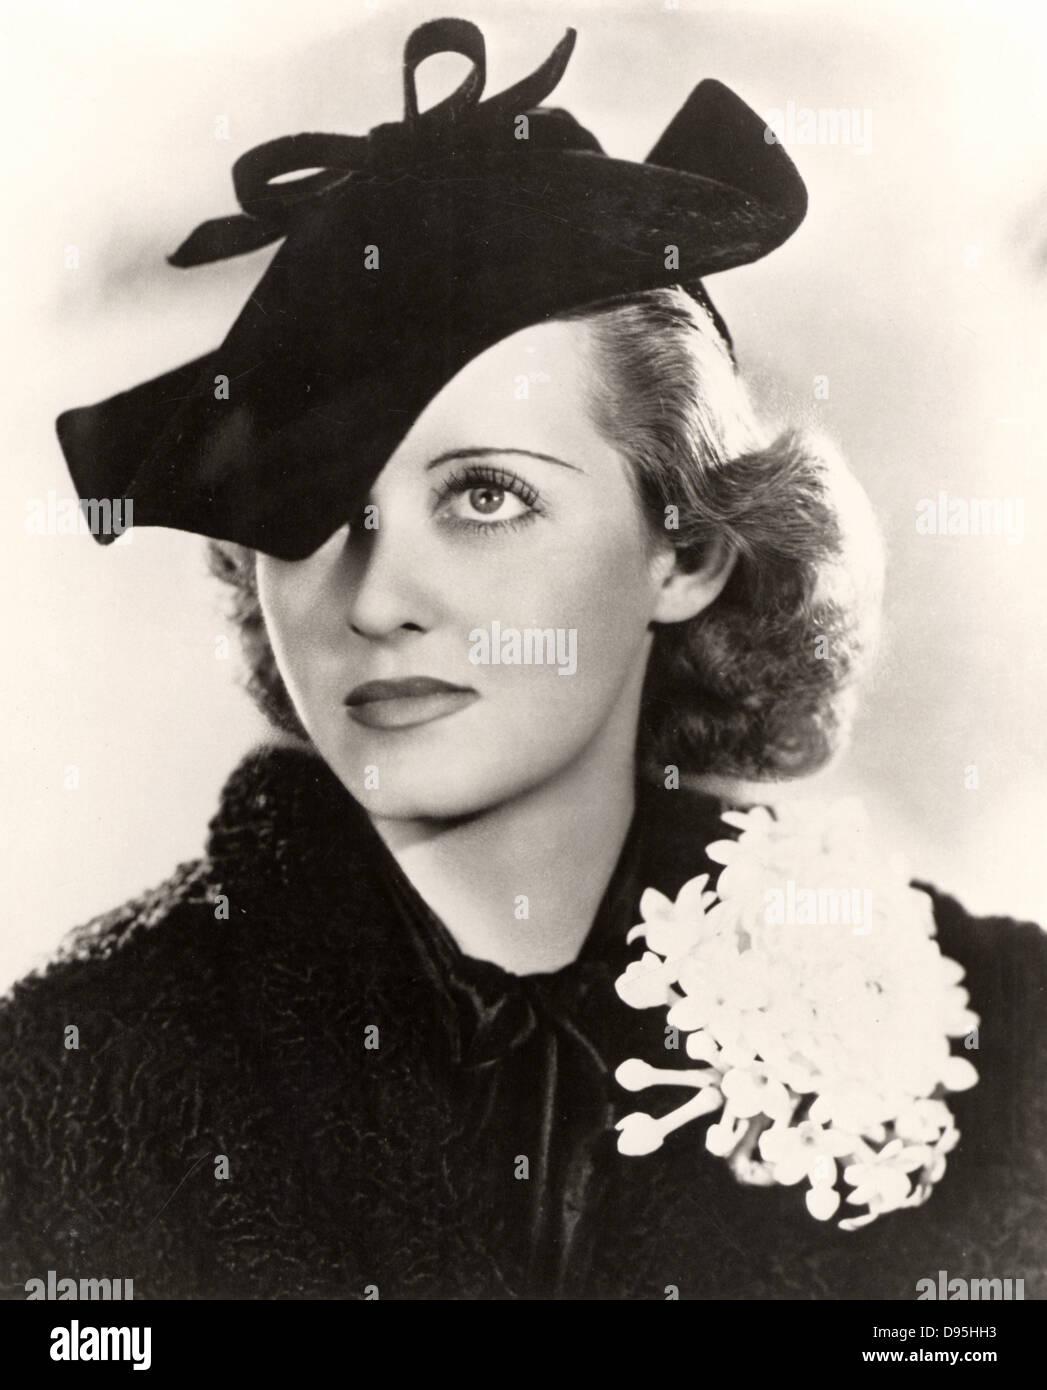 Bette Davis (1908-1989) amerikanischen Hollywood-Schauspielerin und Filmstar. Zu fotografieren. Stockbild